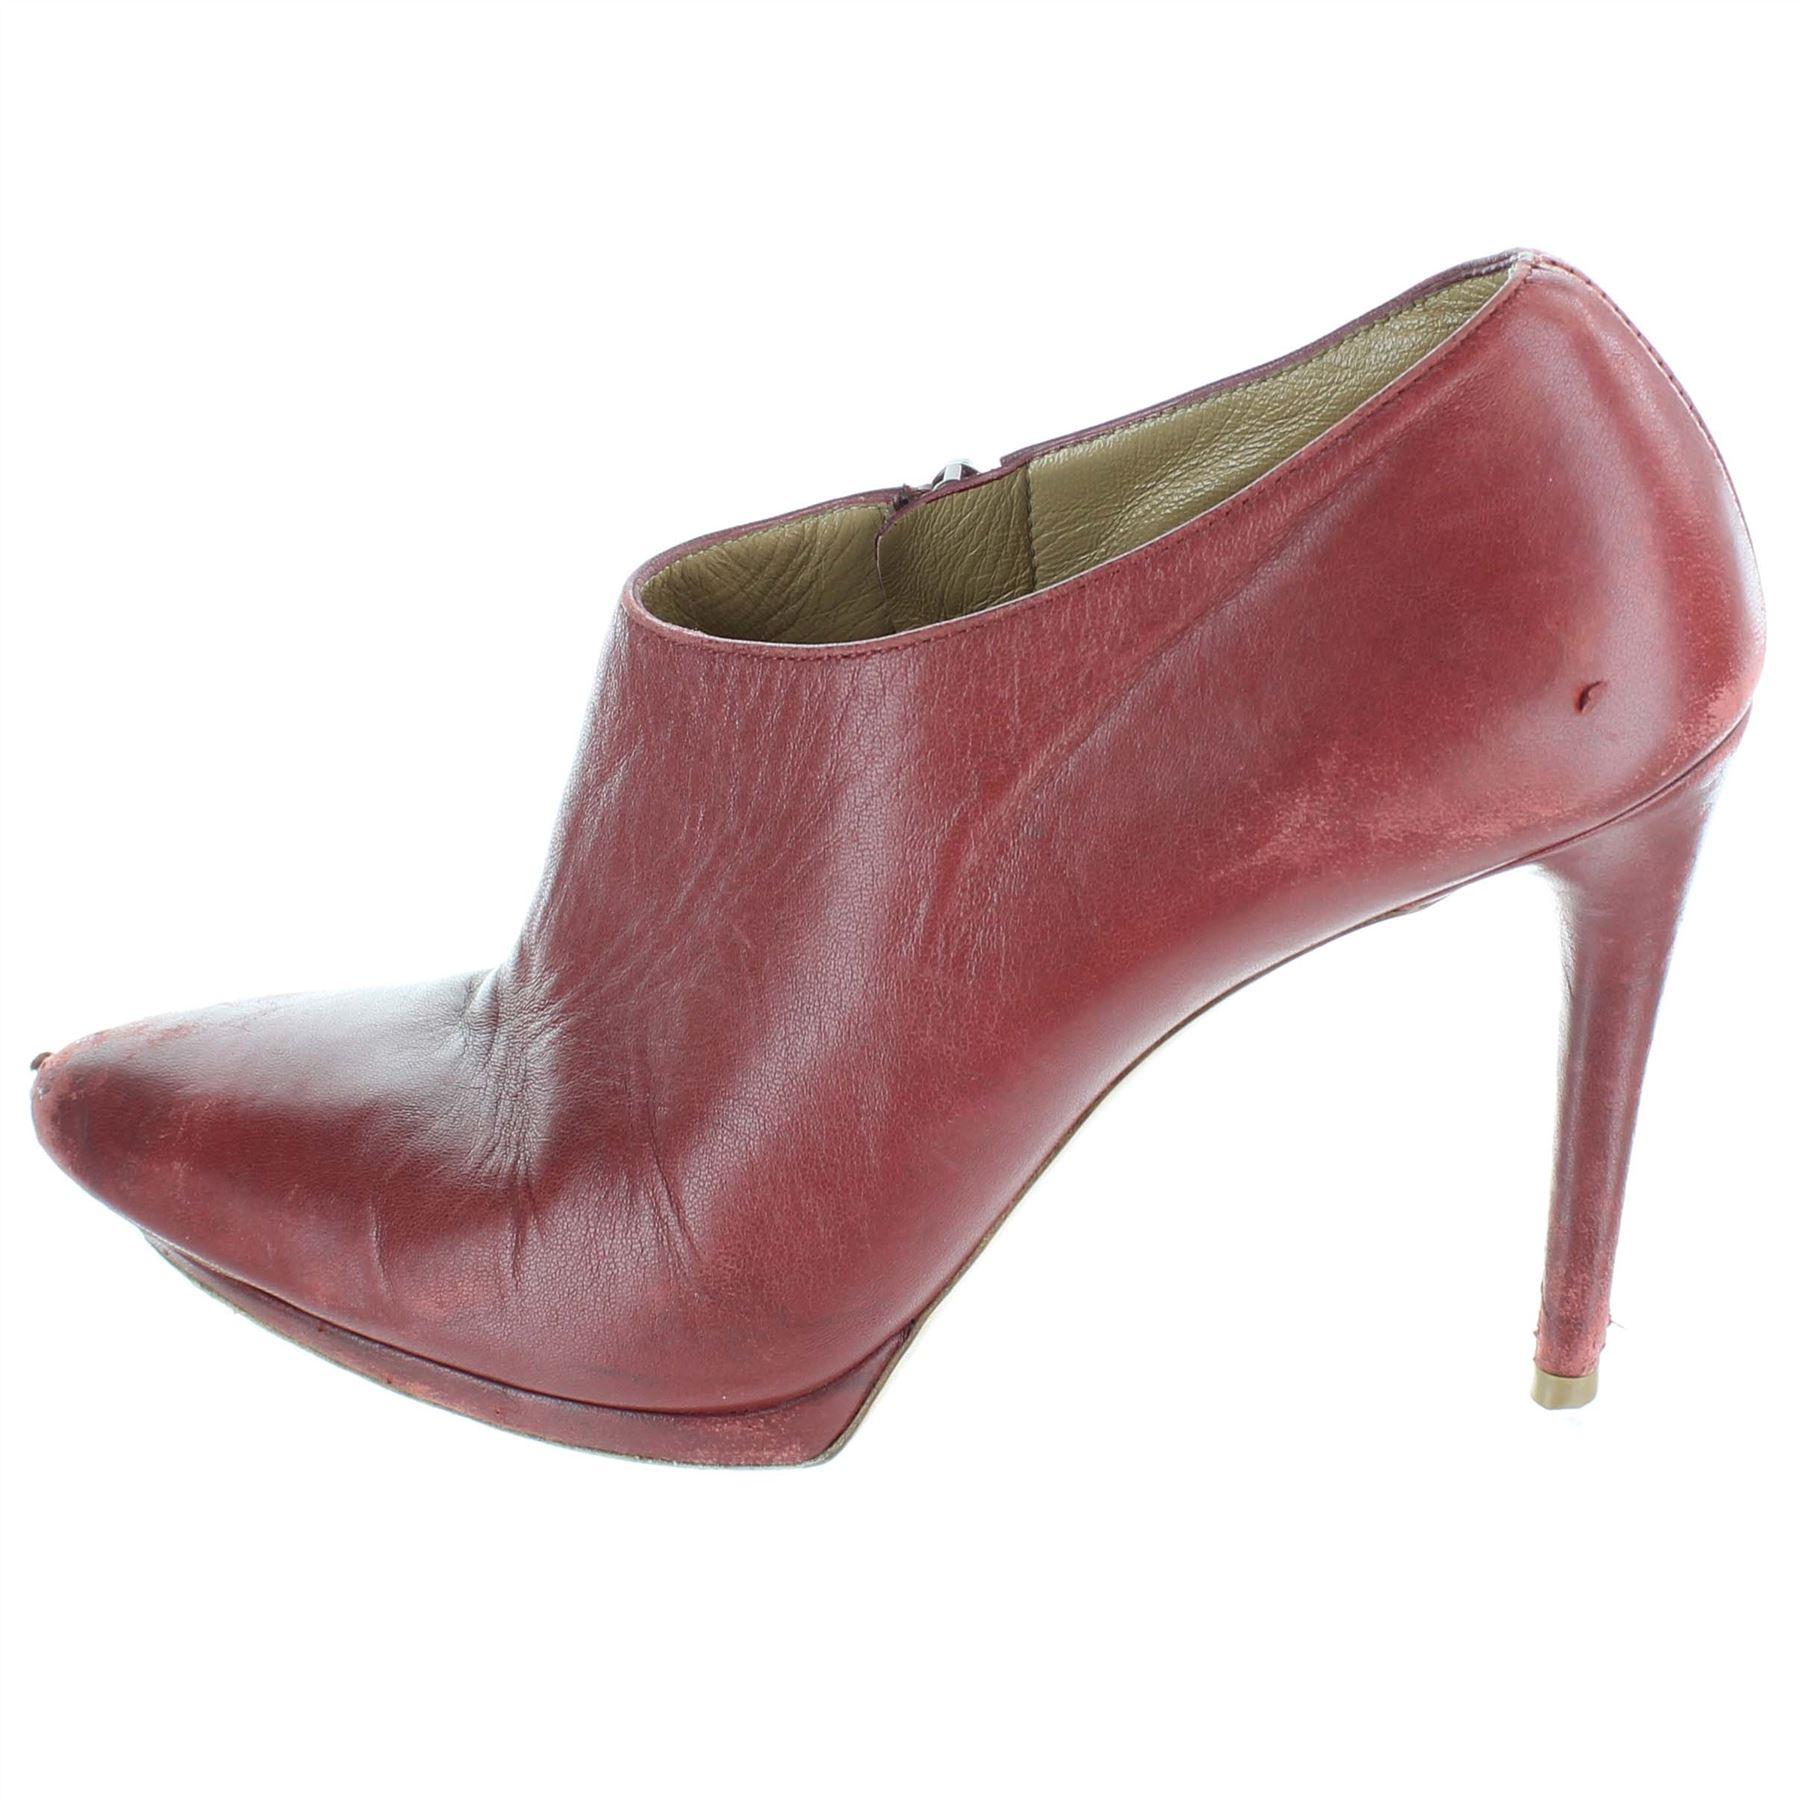 selezione migliore 44da7 87ef1 Dettagli su BALENCIAGA Stivali rossi di pelle tacco alto, UK 5 US 7 EU 37